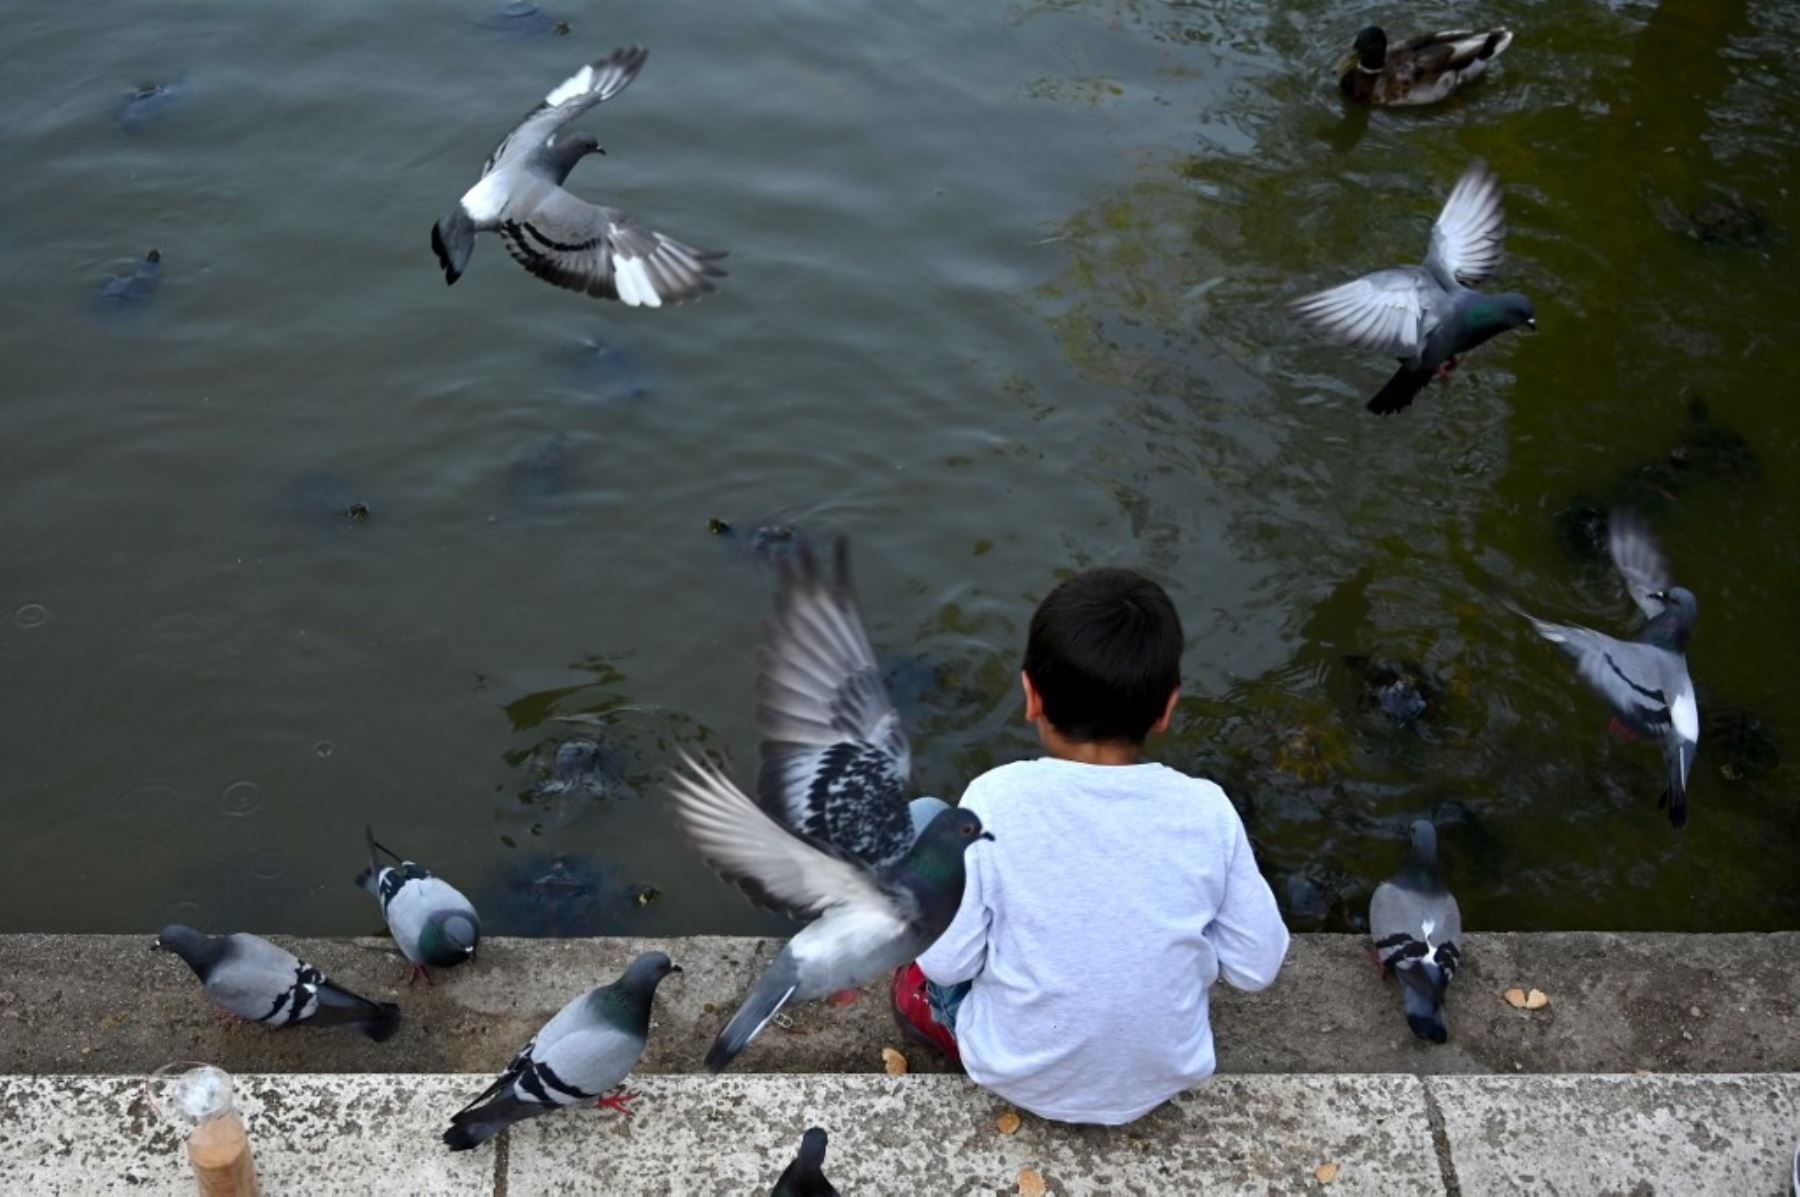 Un niño alimenta palomas en el Parque del Retiro de Madrid. Foto: AFP